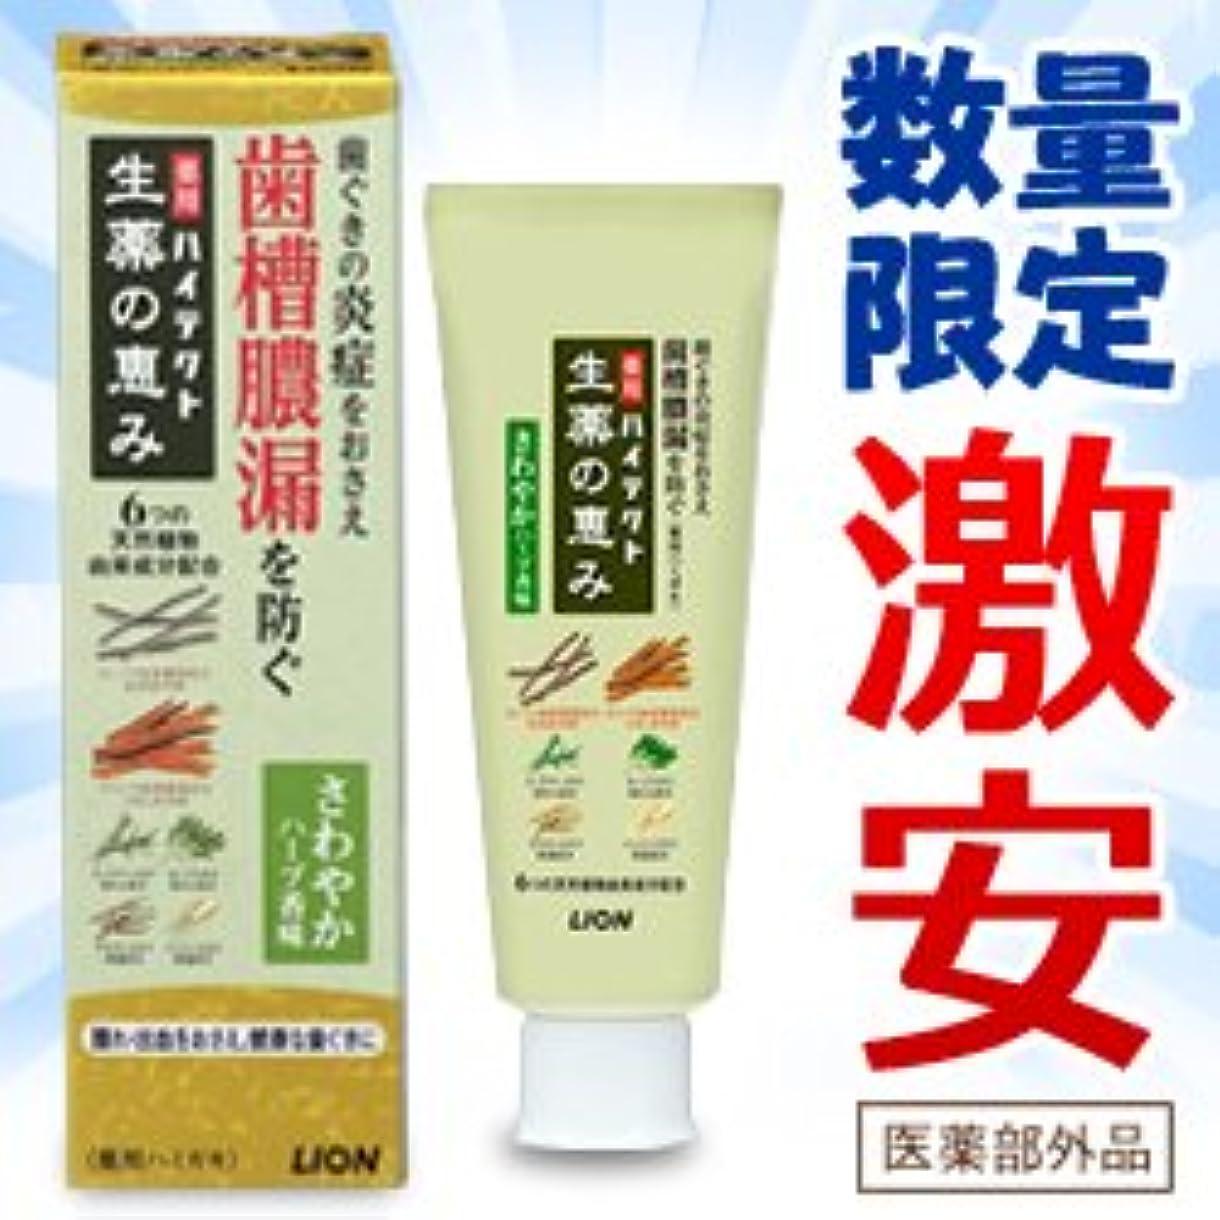 混合した盆細い【ライオン】ハイテクト 生薬の恵み さわやかハーブ香味90g×5個セット